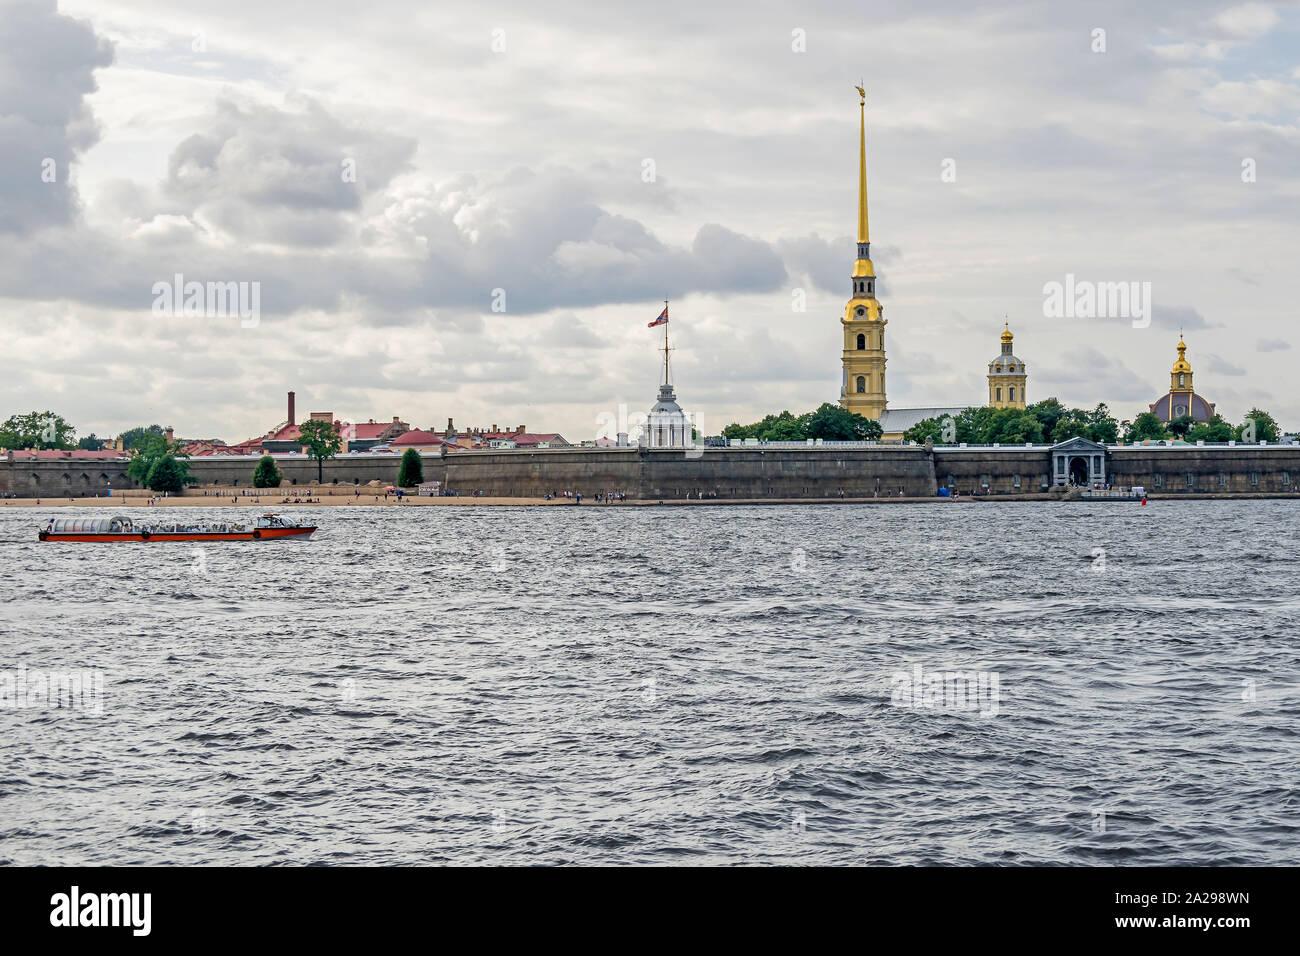 San Petersburgo, Rusia - Julio 25, 2019: la isla de liebre en la ribera norte del río Neva con su playa pública, la ciudadela original de San Pedro y san Pablo Foto de stock